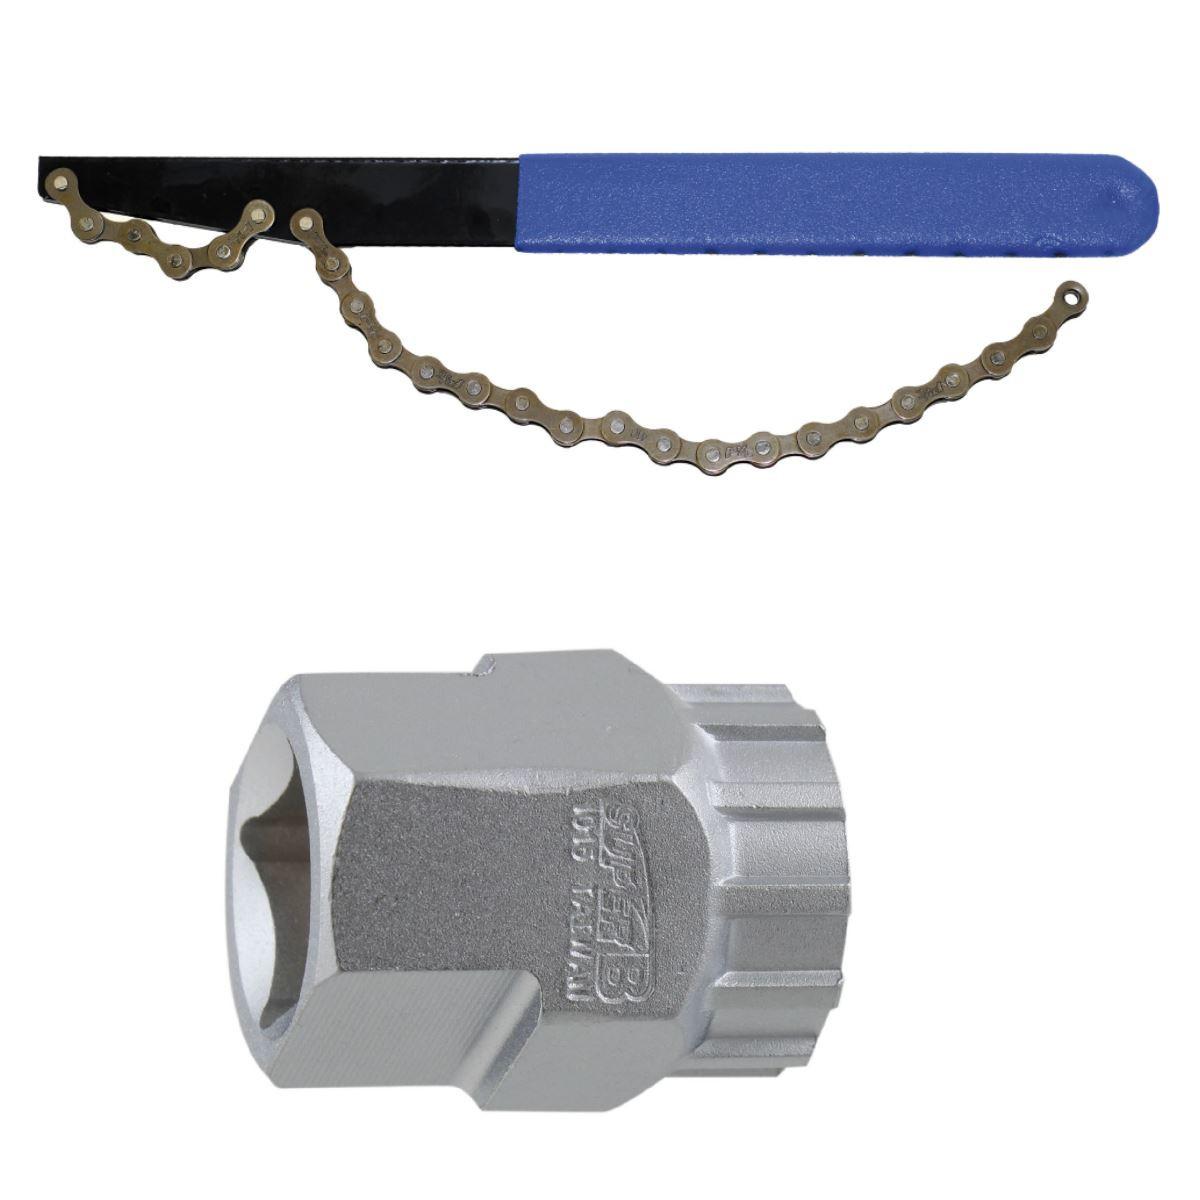 CONTEC Zahnkranz-Abzieher für Shimano /& SRAM Kassetten